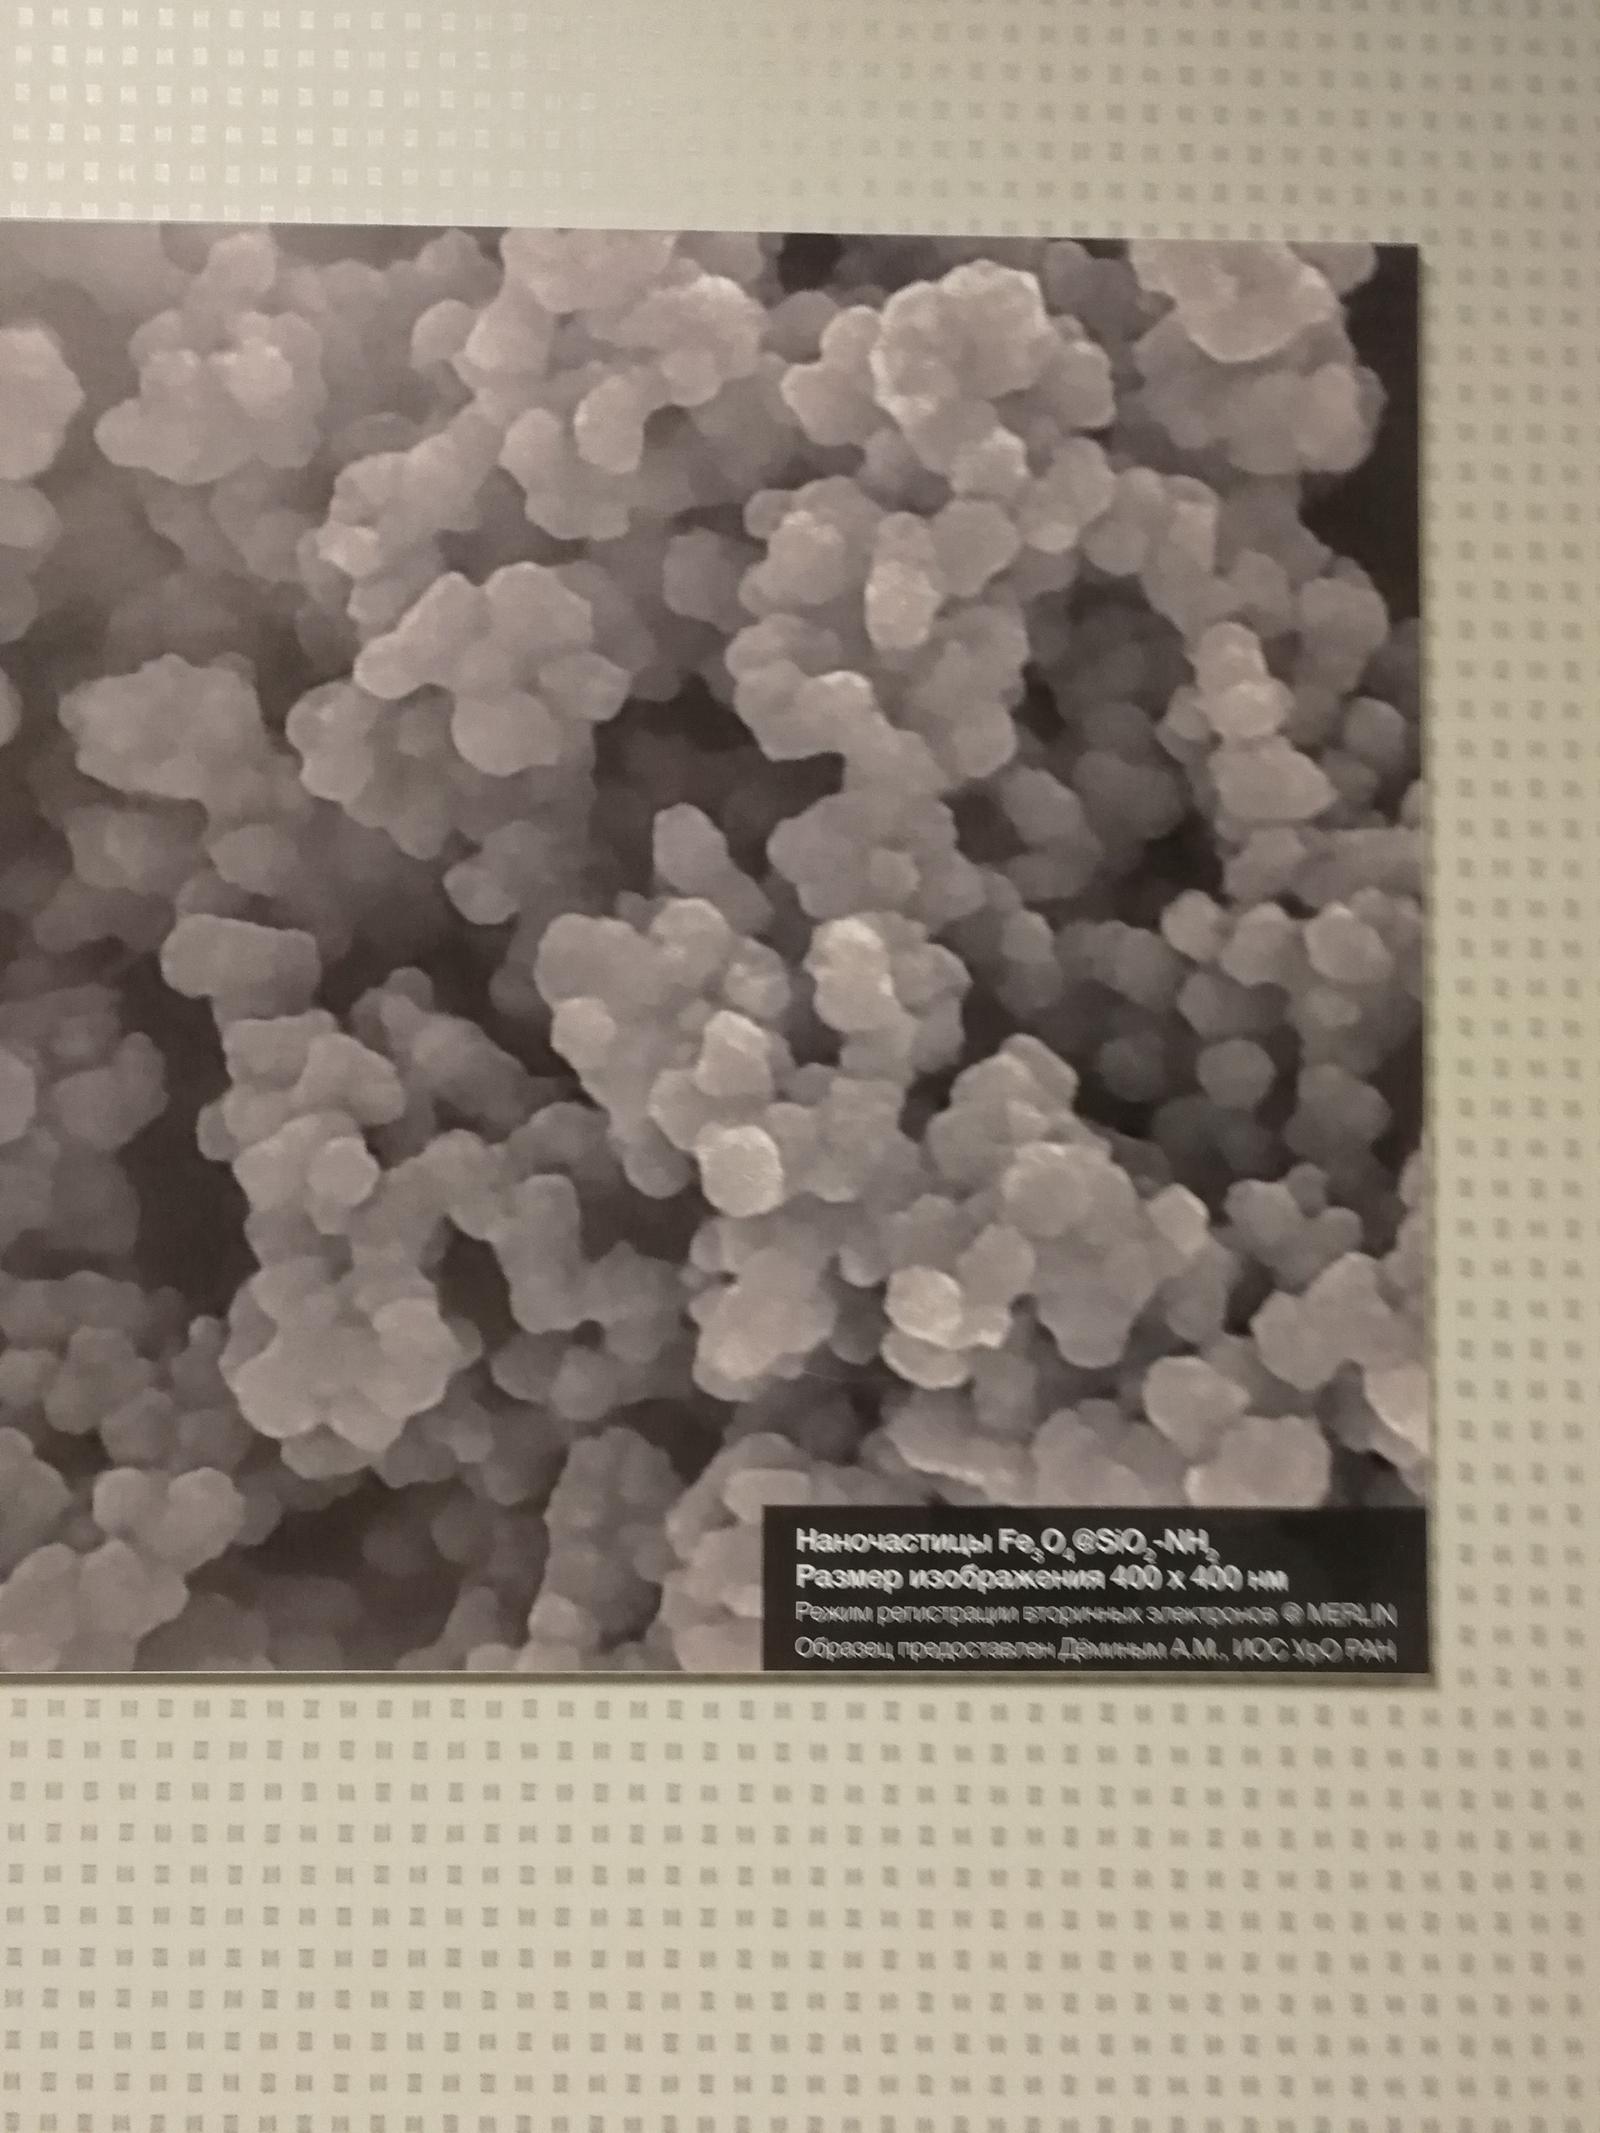 参观乌拉尔联邦大学实验室是什么体验?插图10-小狮座俄罗斯留学